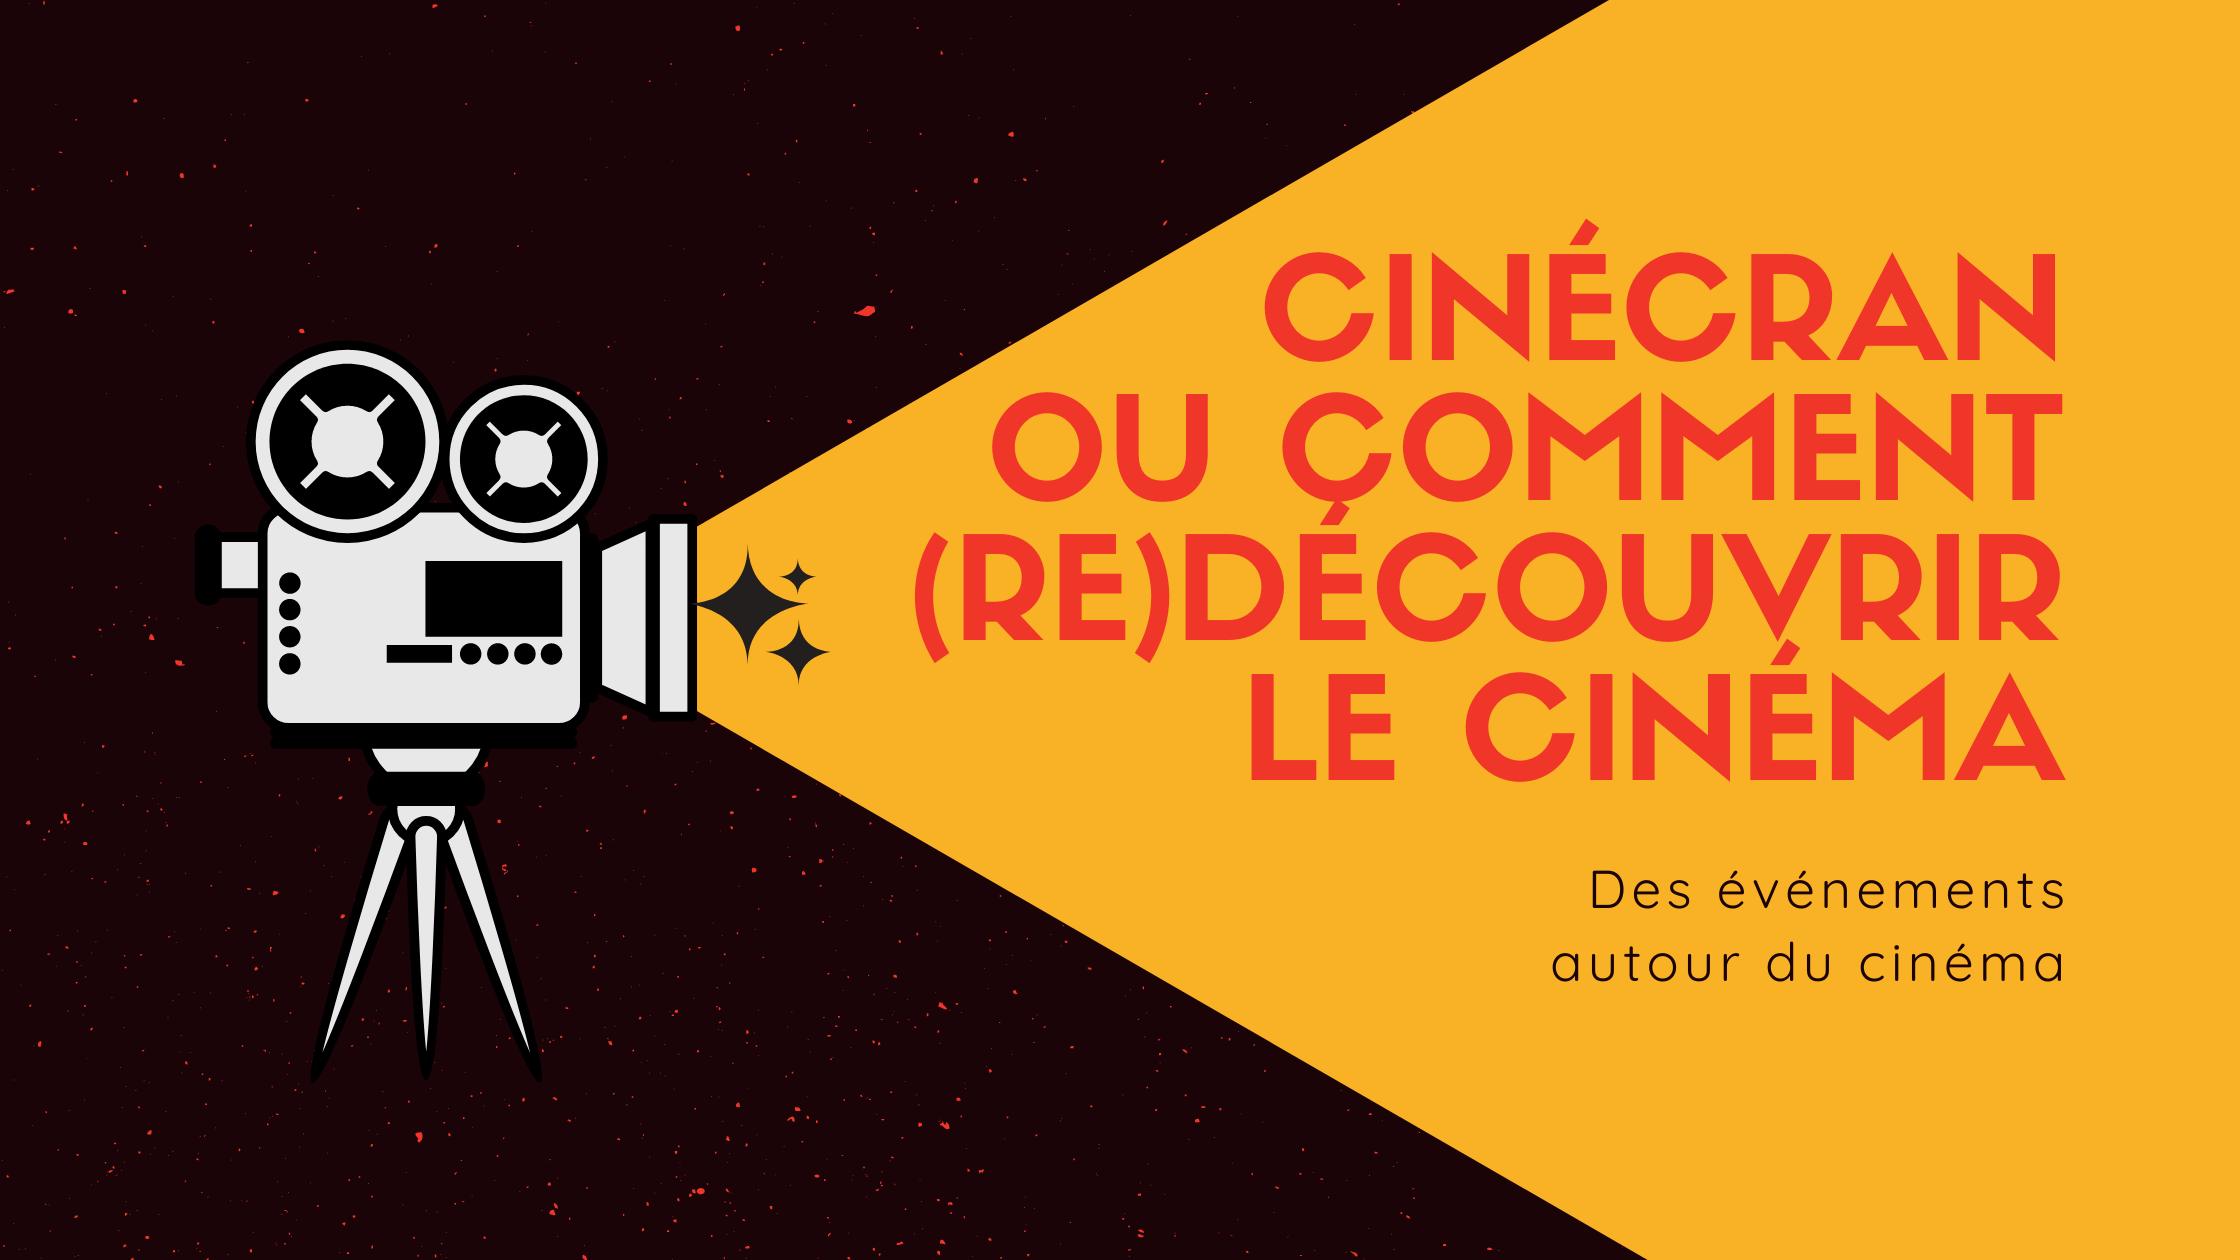 Cinécran ou comment (re)découvrir le cinéma